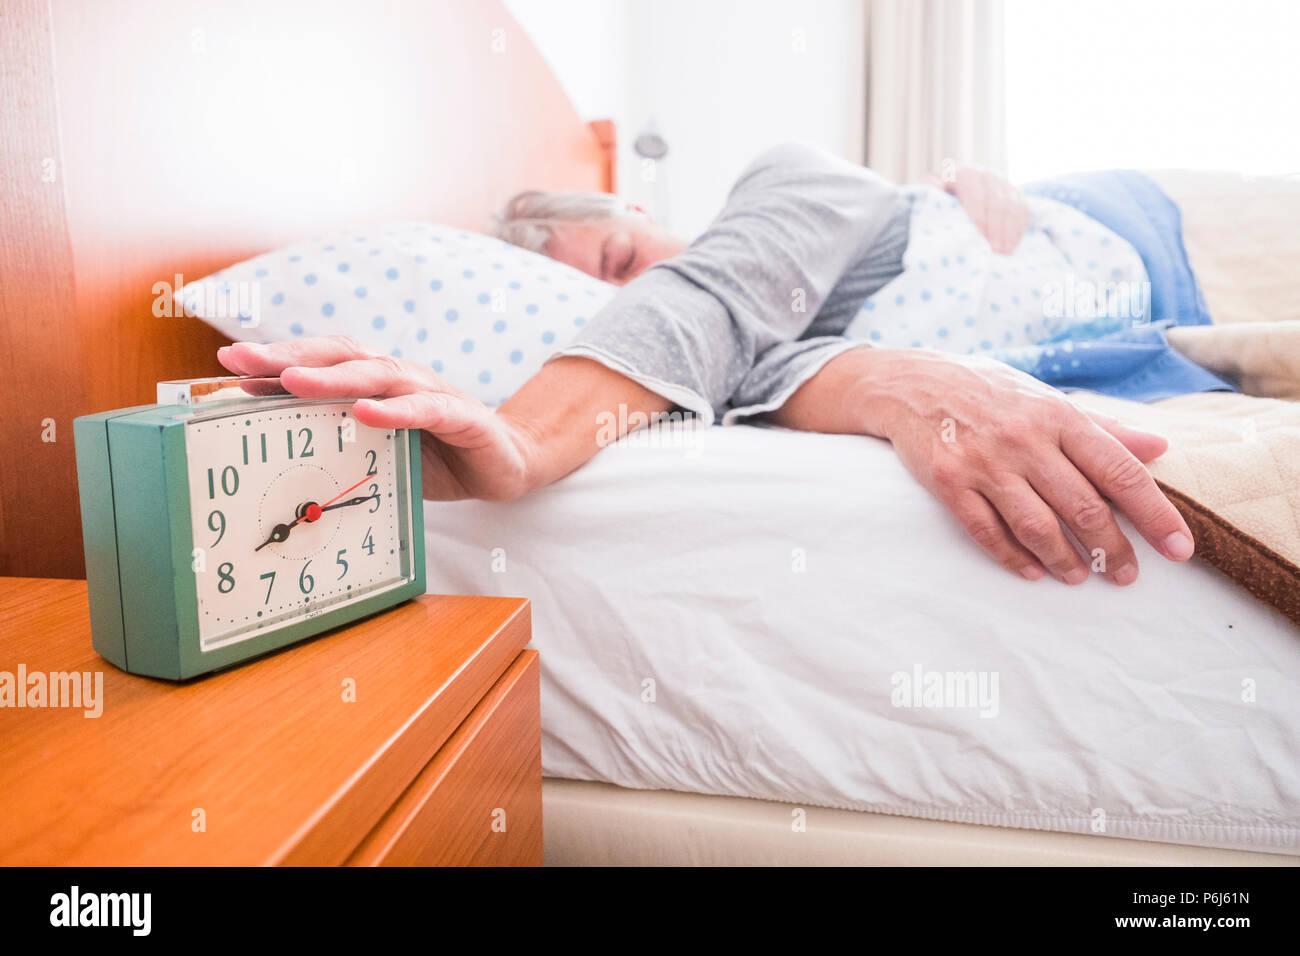 Le réveil de l'alarme d'arrêt pour les femmes adultes scène quotidienne caucasian le matin à la maison. ne veux pas aller vivre à la retraite mais bureau. paresseux et fatigué. cl Photo Stock